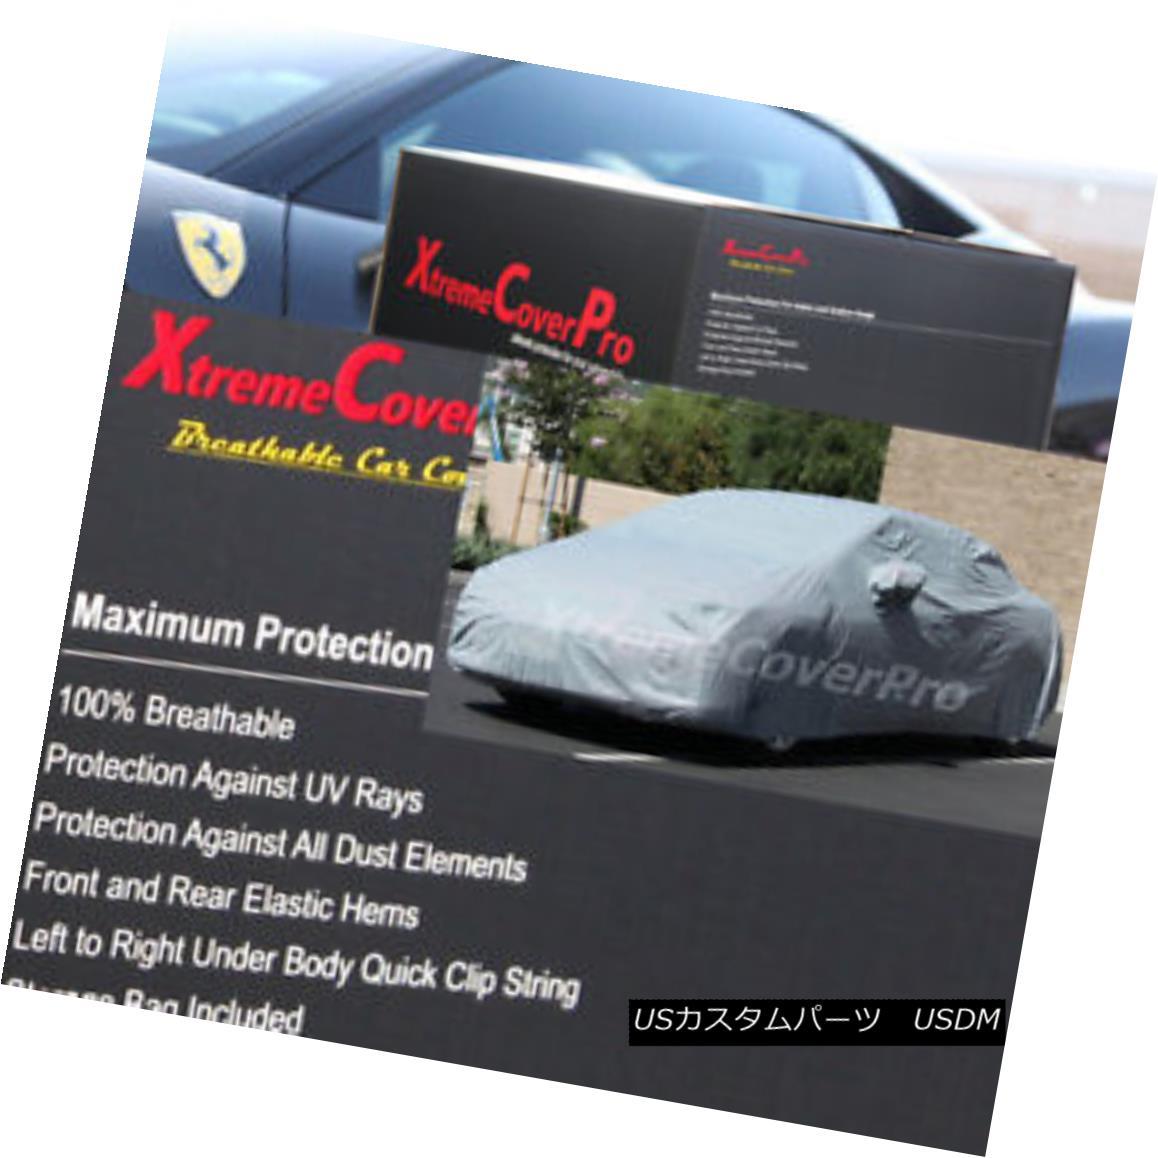 カーカバー 2015 2016 2017 2018 MINI COUNTRYMAN Breathable Car Cover w/Mirror Pockets - Gray 2015 2016 2017 2018 MINI COUNTRYMAN通気性のある車カバー付き/ミラーポケット - グレー